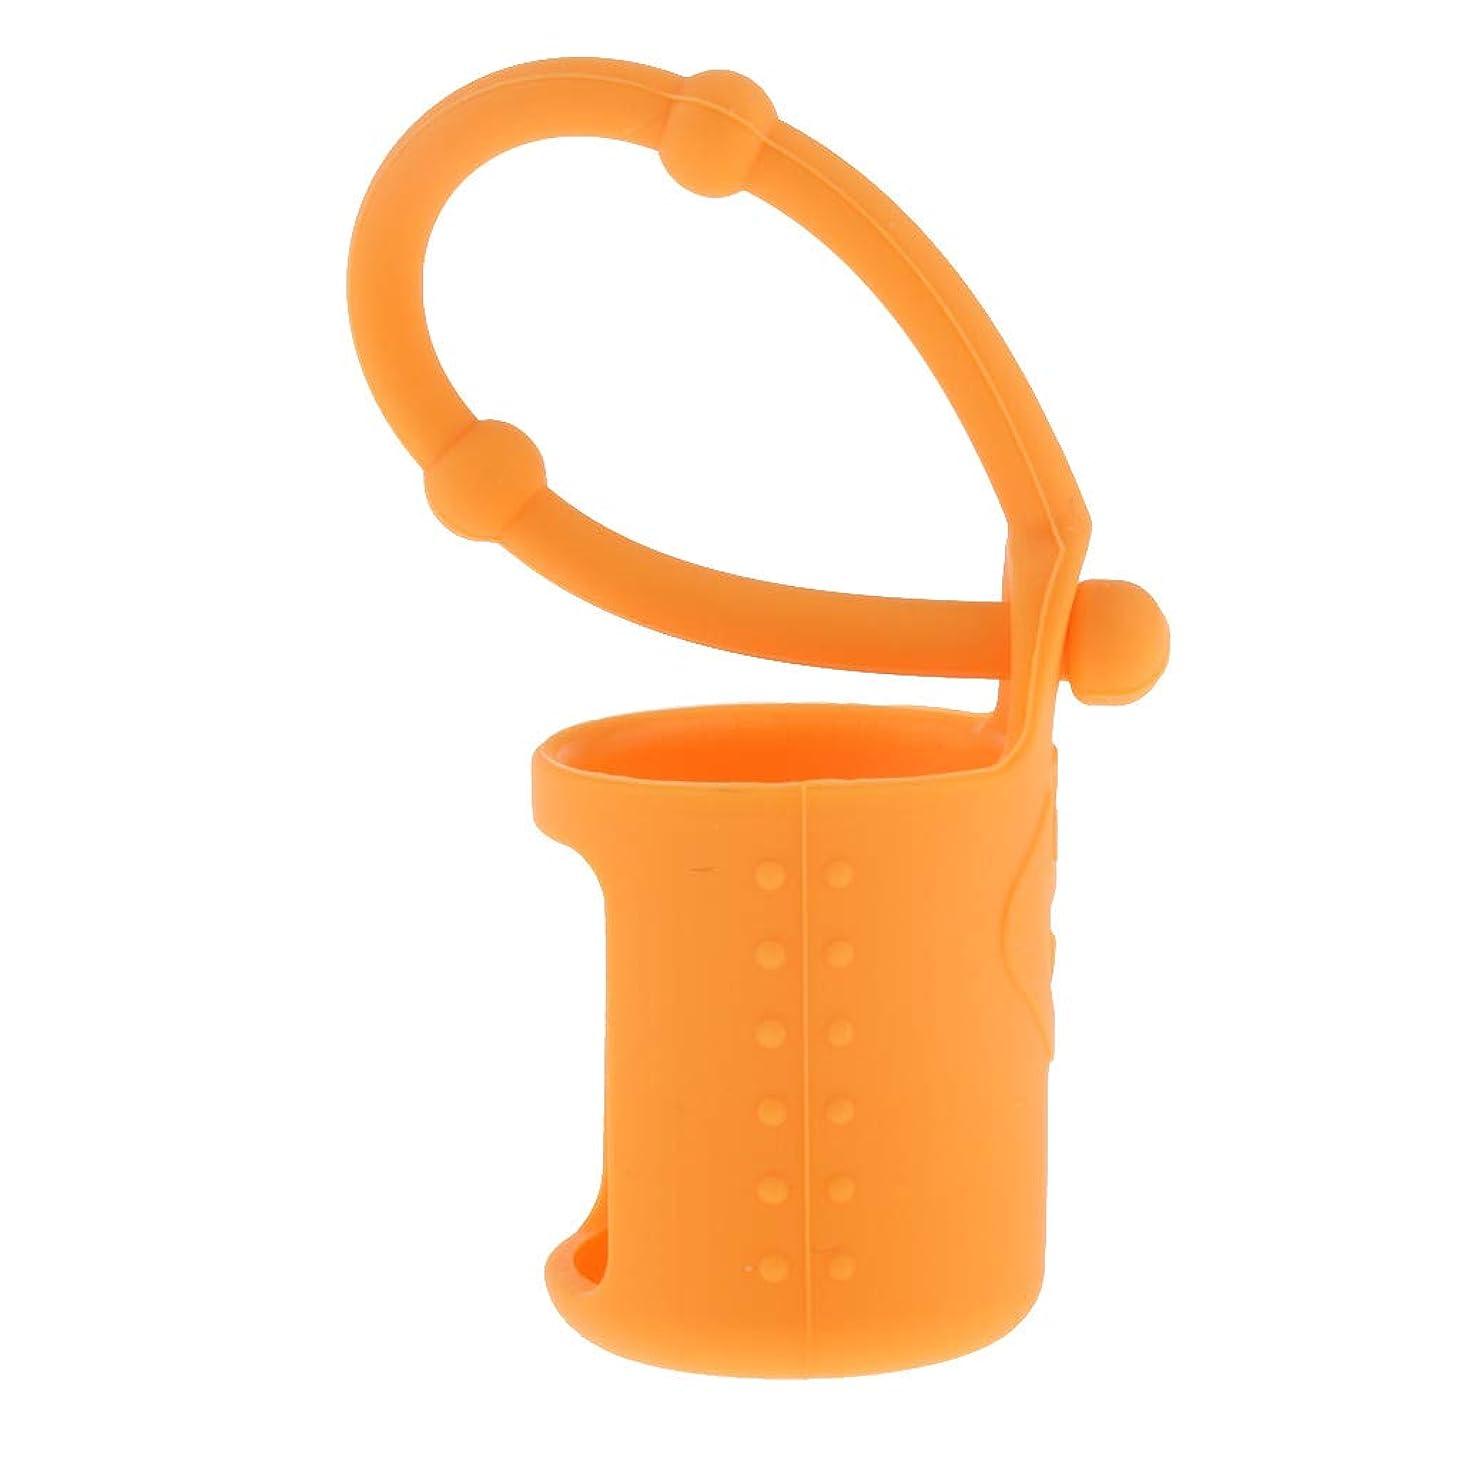 検査等しいプレゼントchiwanji 6色選べ シリコーン ローラーボトルホルダー エッセンシャルオイル キャリングケース 5ml - オレンジ